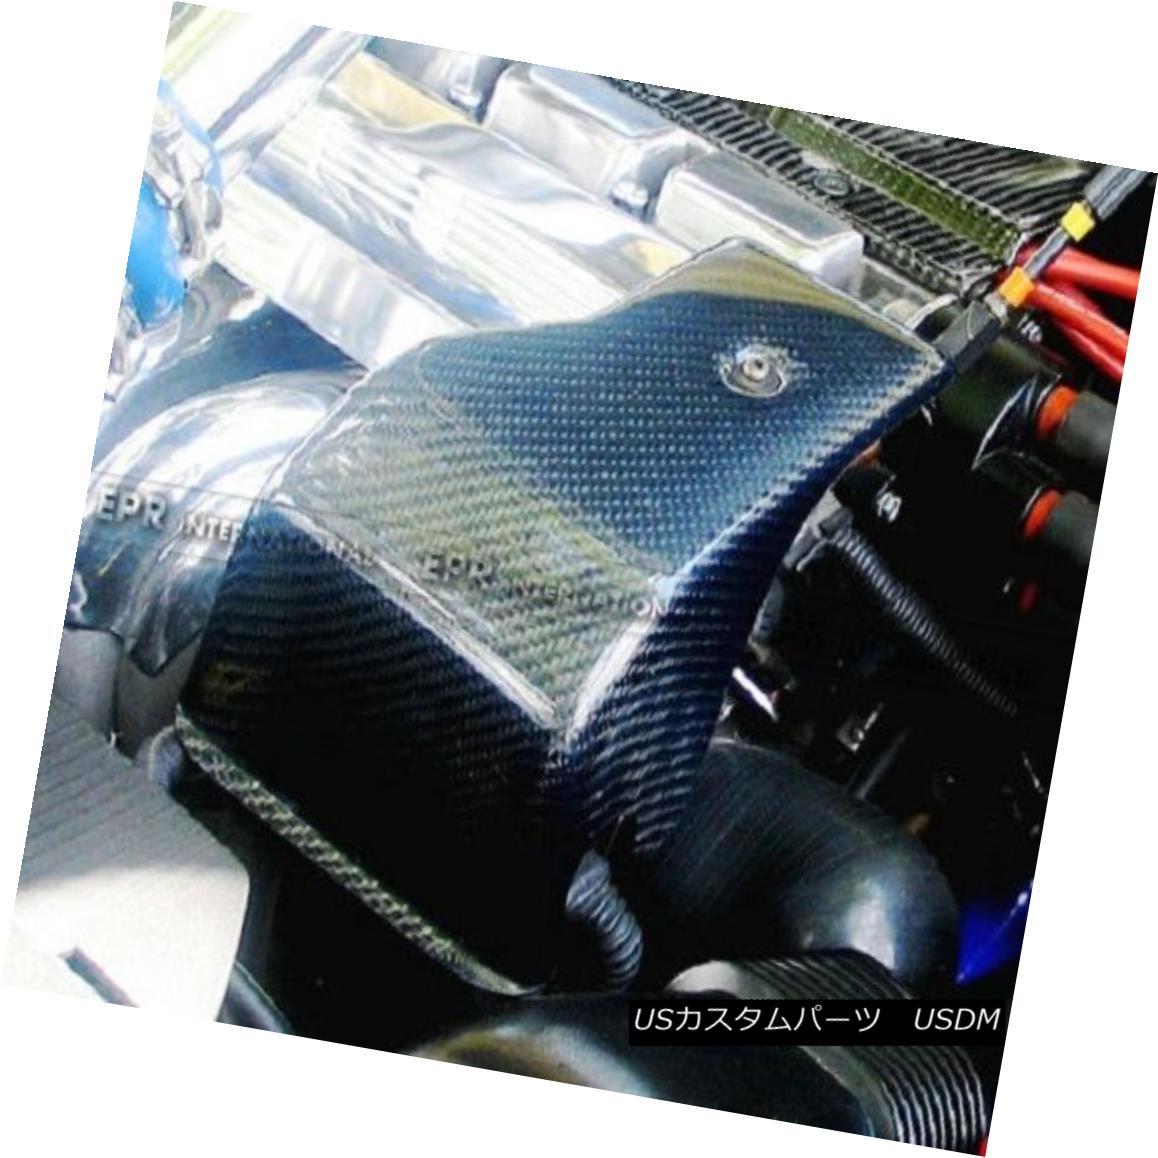 エアロパーツ Throlette Body Cover Trim Protector Component Part For Volvo 850 S70 V70 Carbon Throletteボディカバートリムプロテクターコンポーネントパーツfor Volvo 850 S70 V70 Carbon